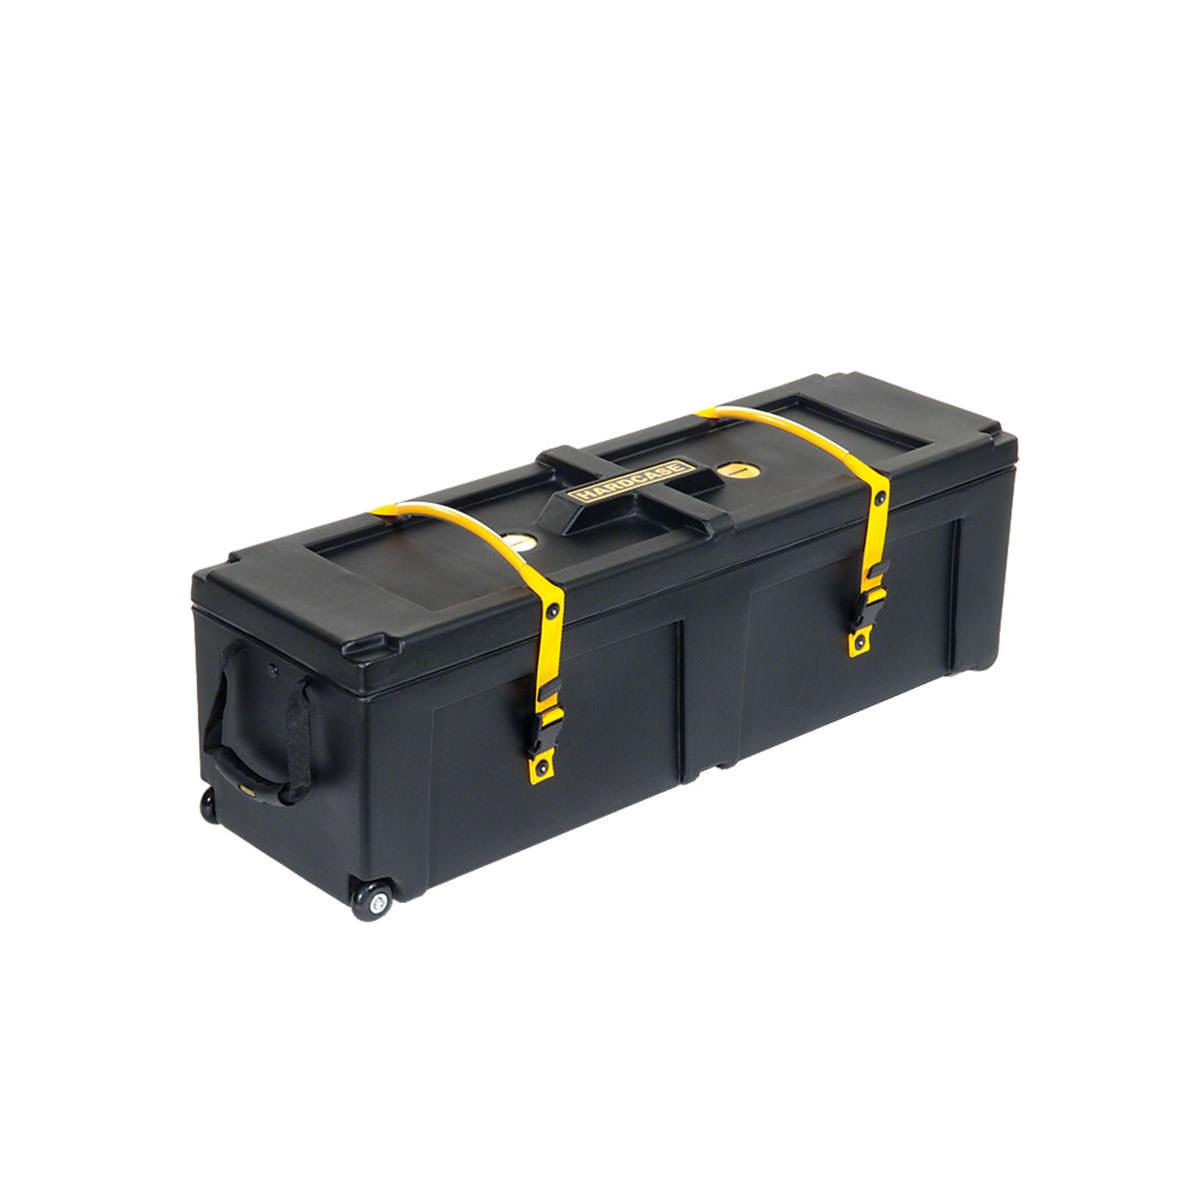 Hardcase Hardware Case With Wheels - 40x12x12